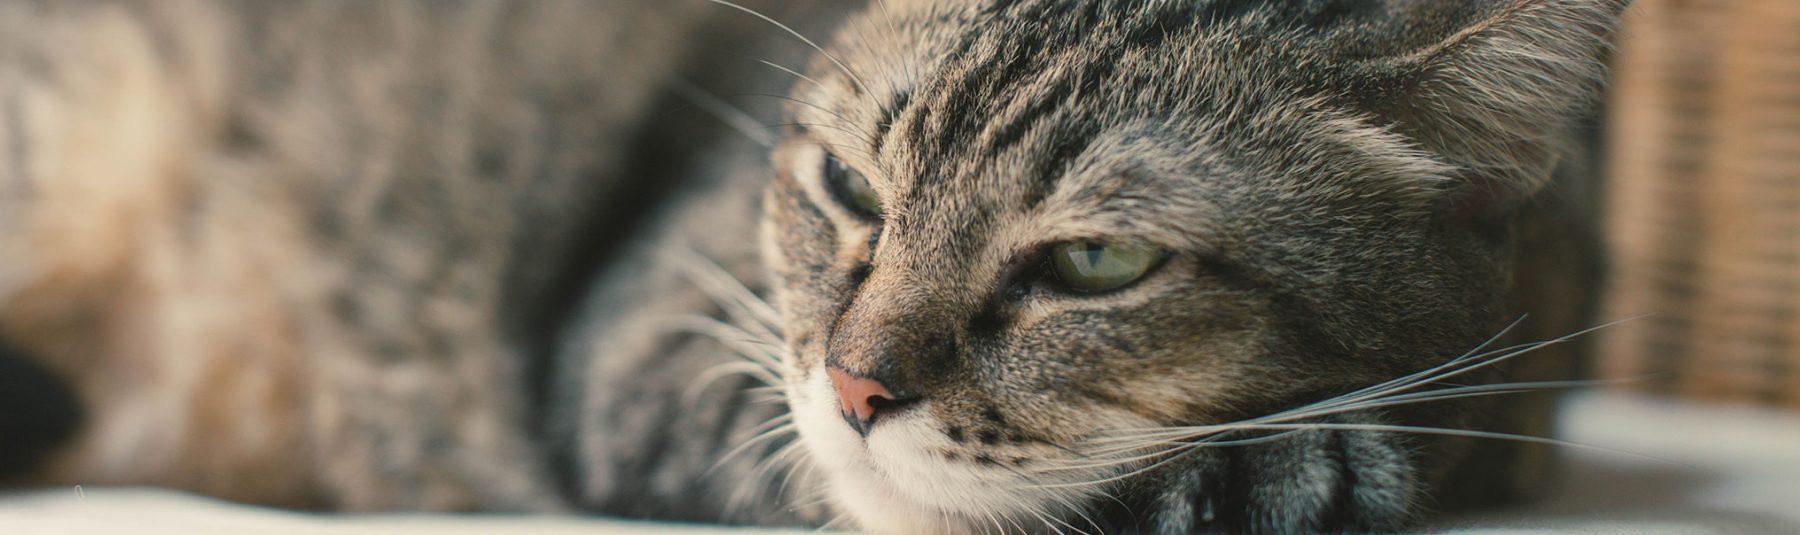 cat-deworming